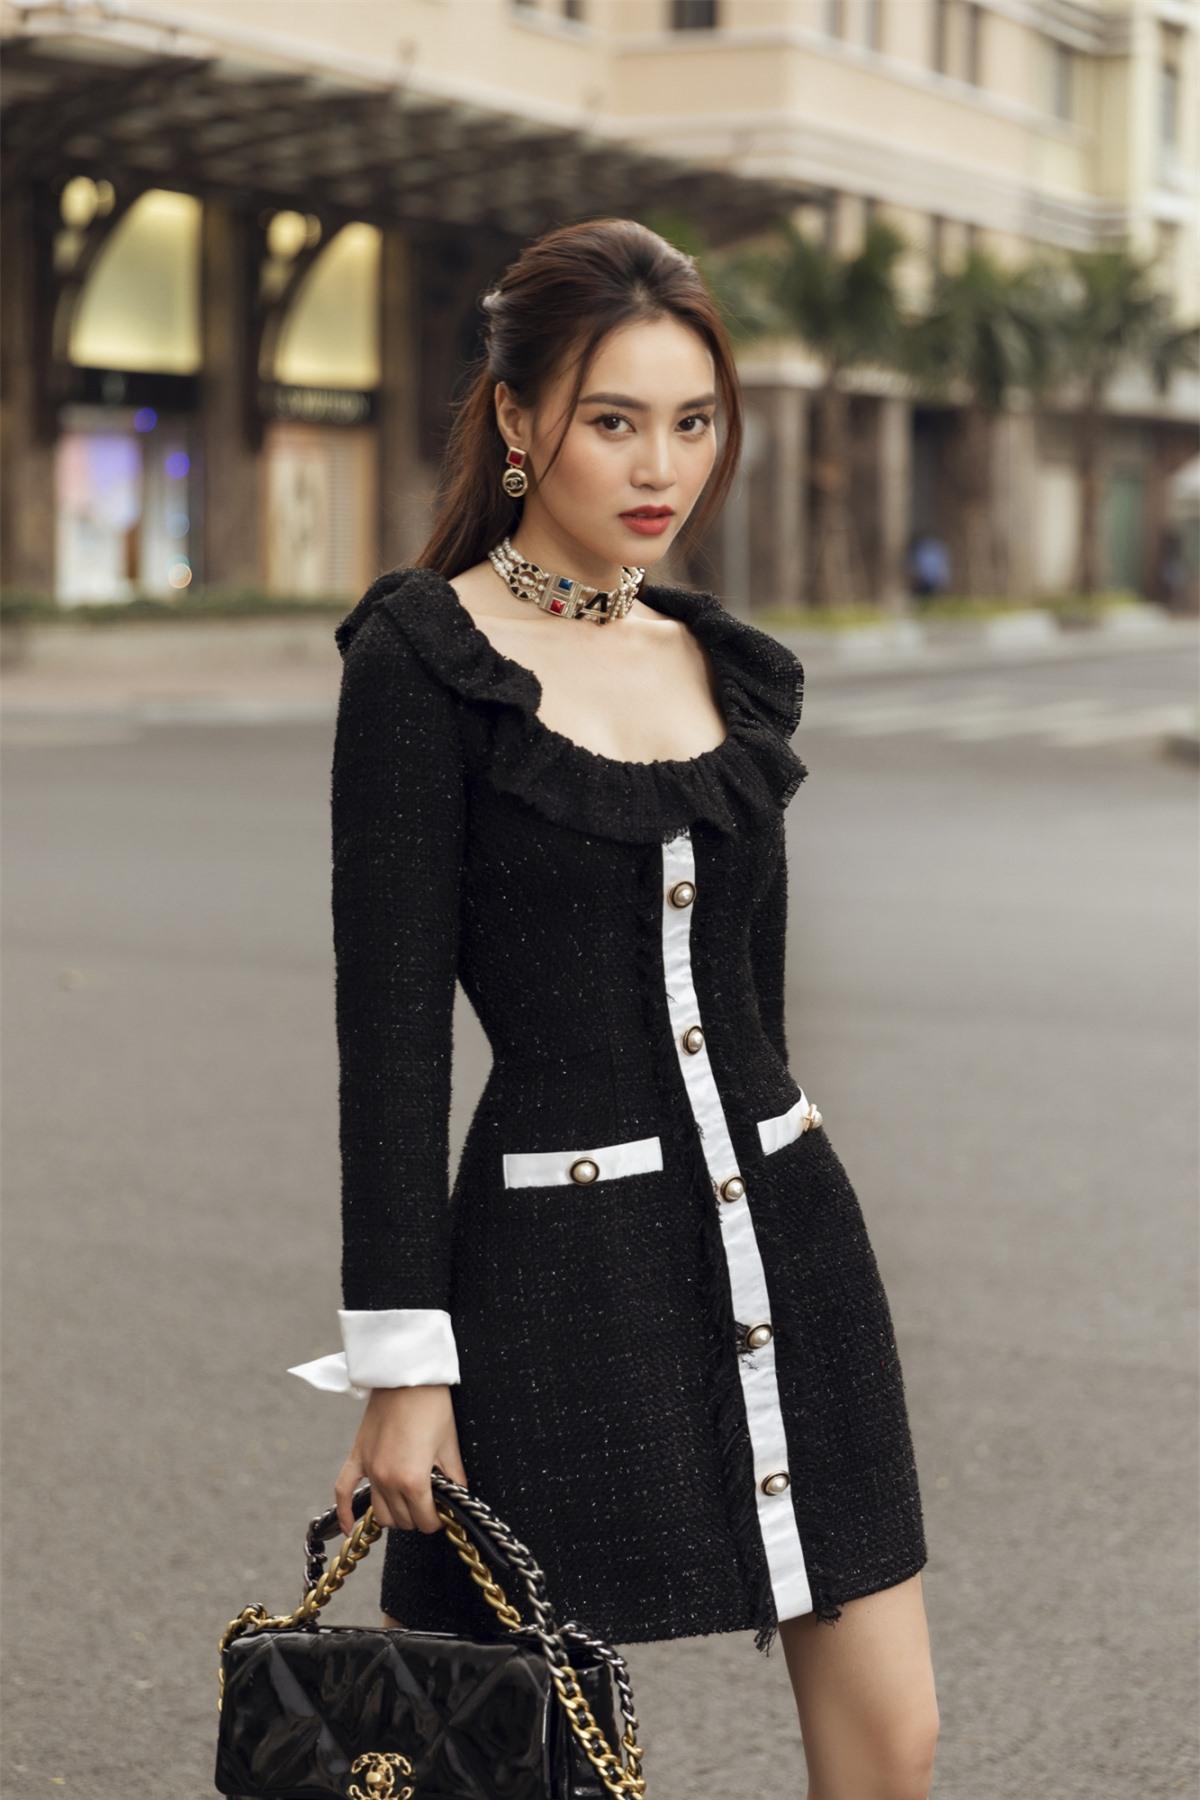 Những thiết kế vô cùng tươi trẻ và sang trọng của NTK Lê Thanh Hoà đã thật sự đồng hành cùng nhan sắc toả sáng của ngọc nữ màn ảnh Ninh Dương Lan Ngọc.